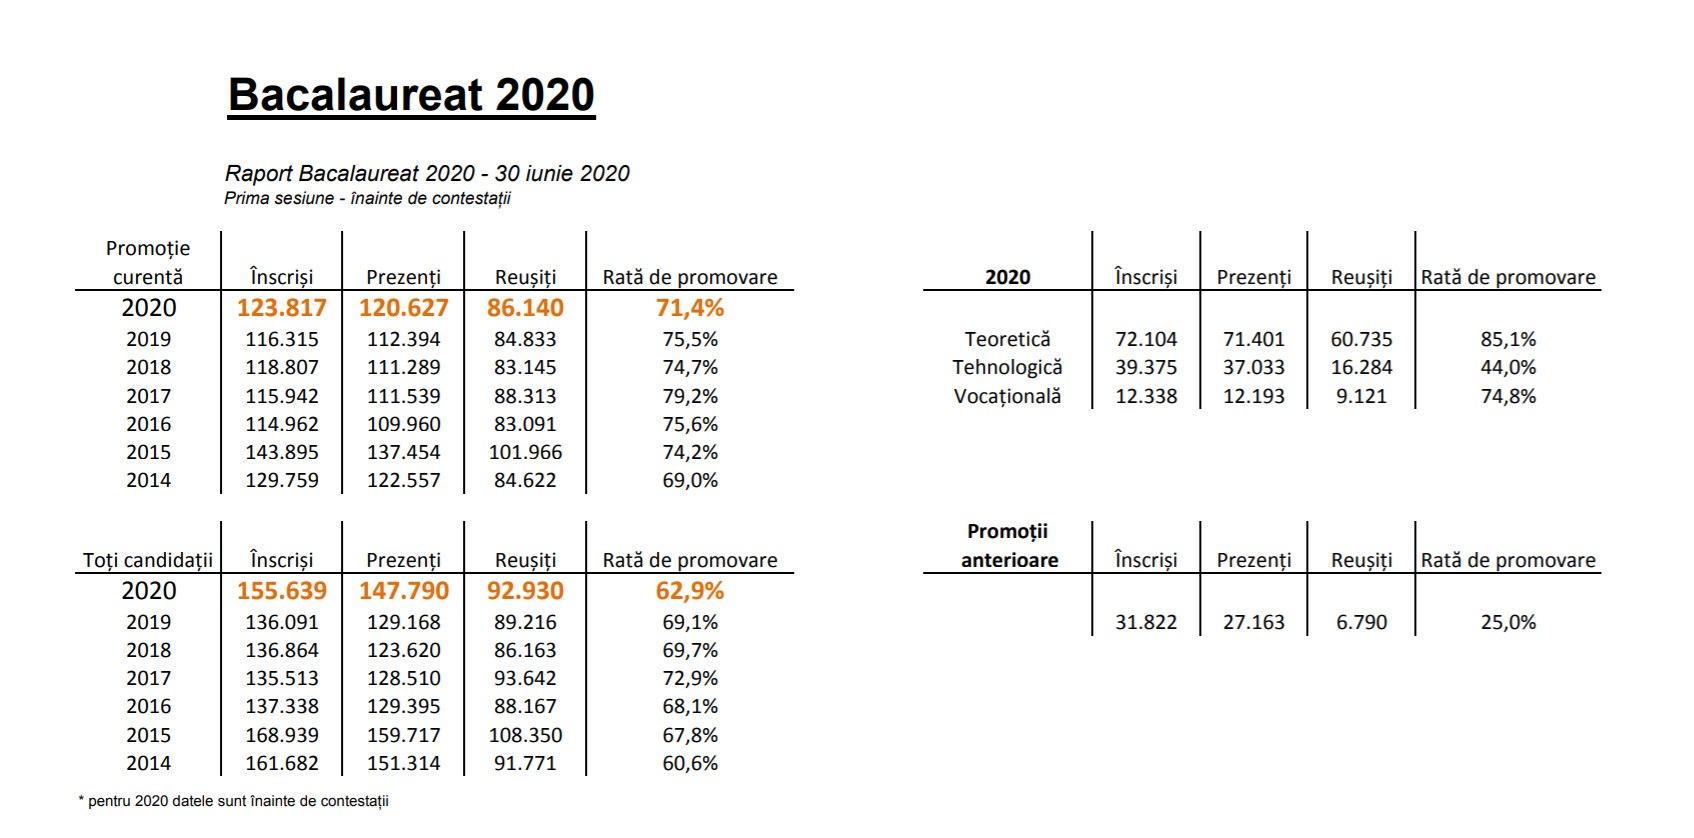 rata de promovare 2020